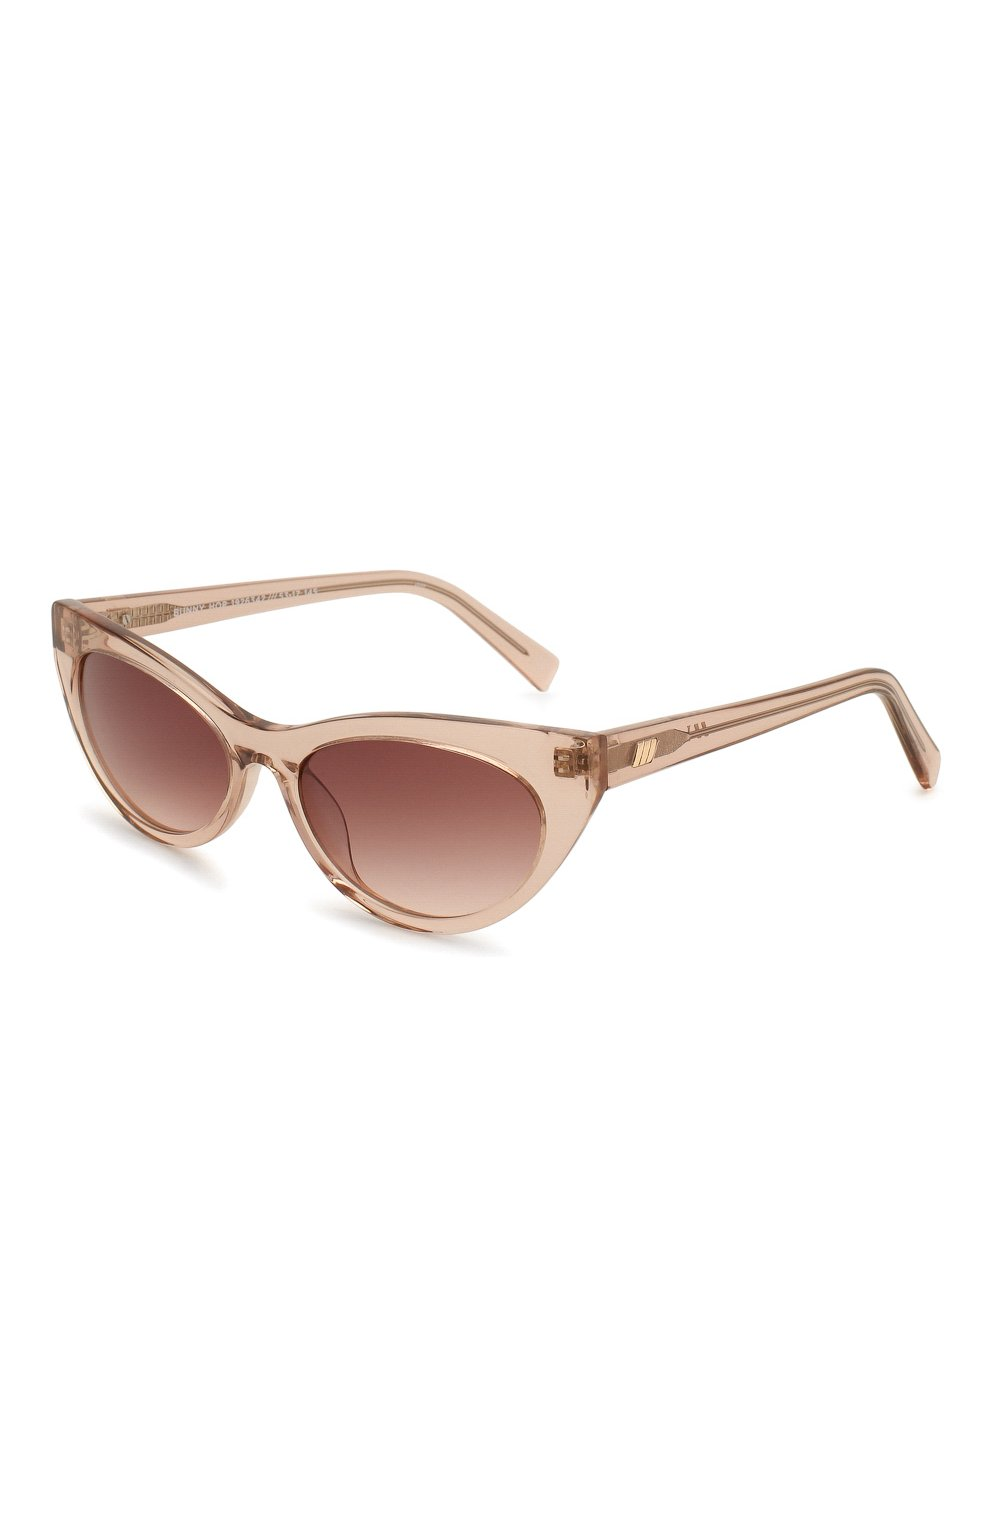 Женские солнцезащитные очки LE SPECS коричневого цвета, арт. BUNNY H0P/1926342   Фото 1